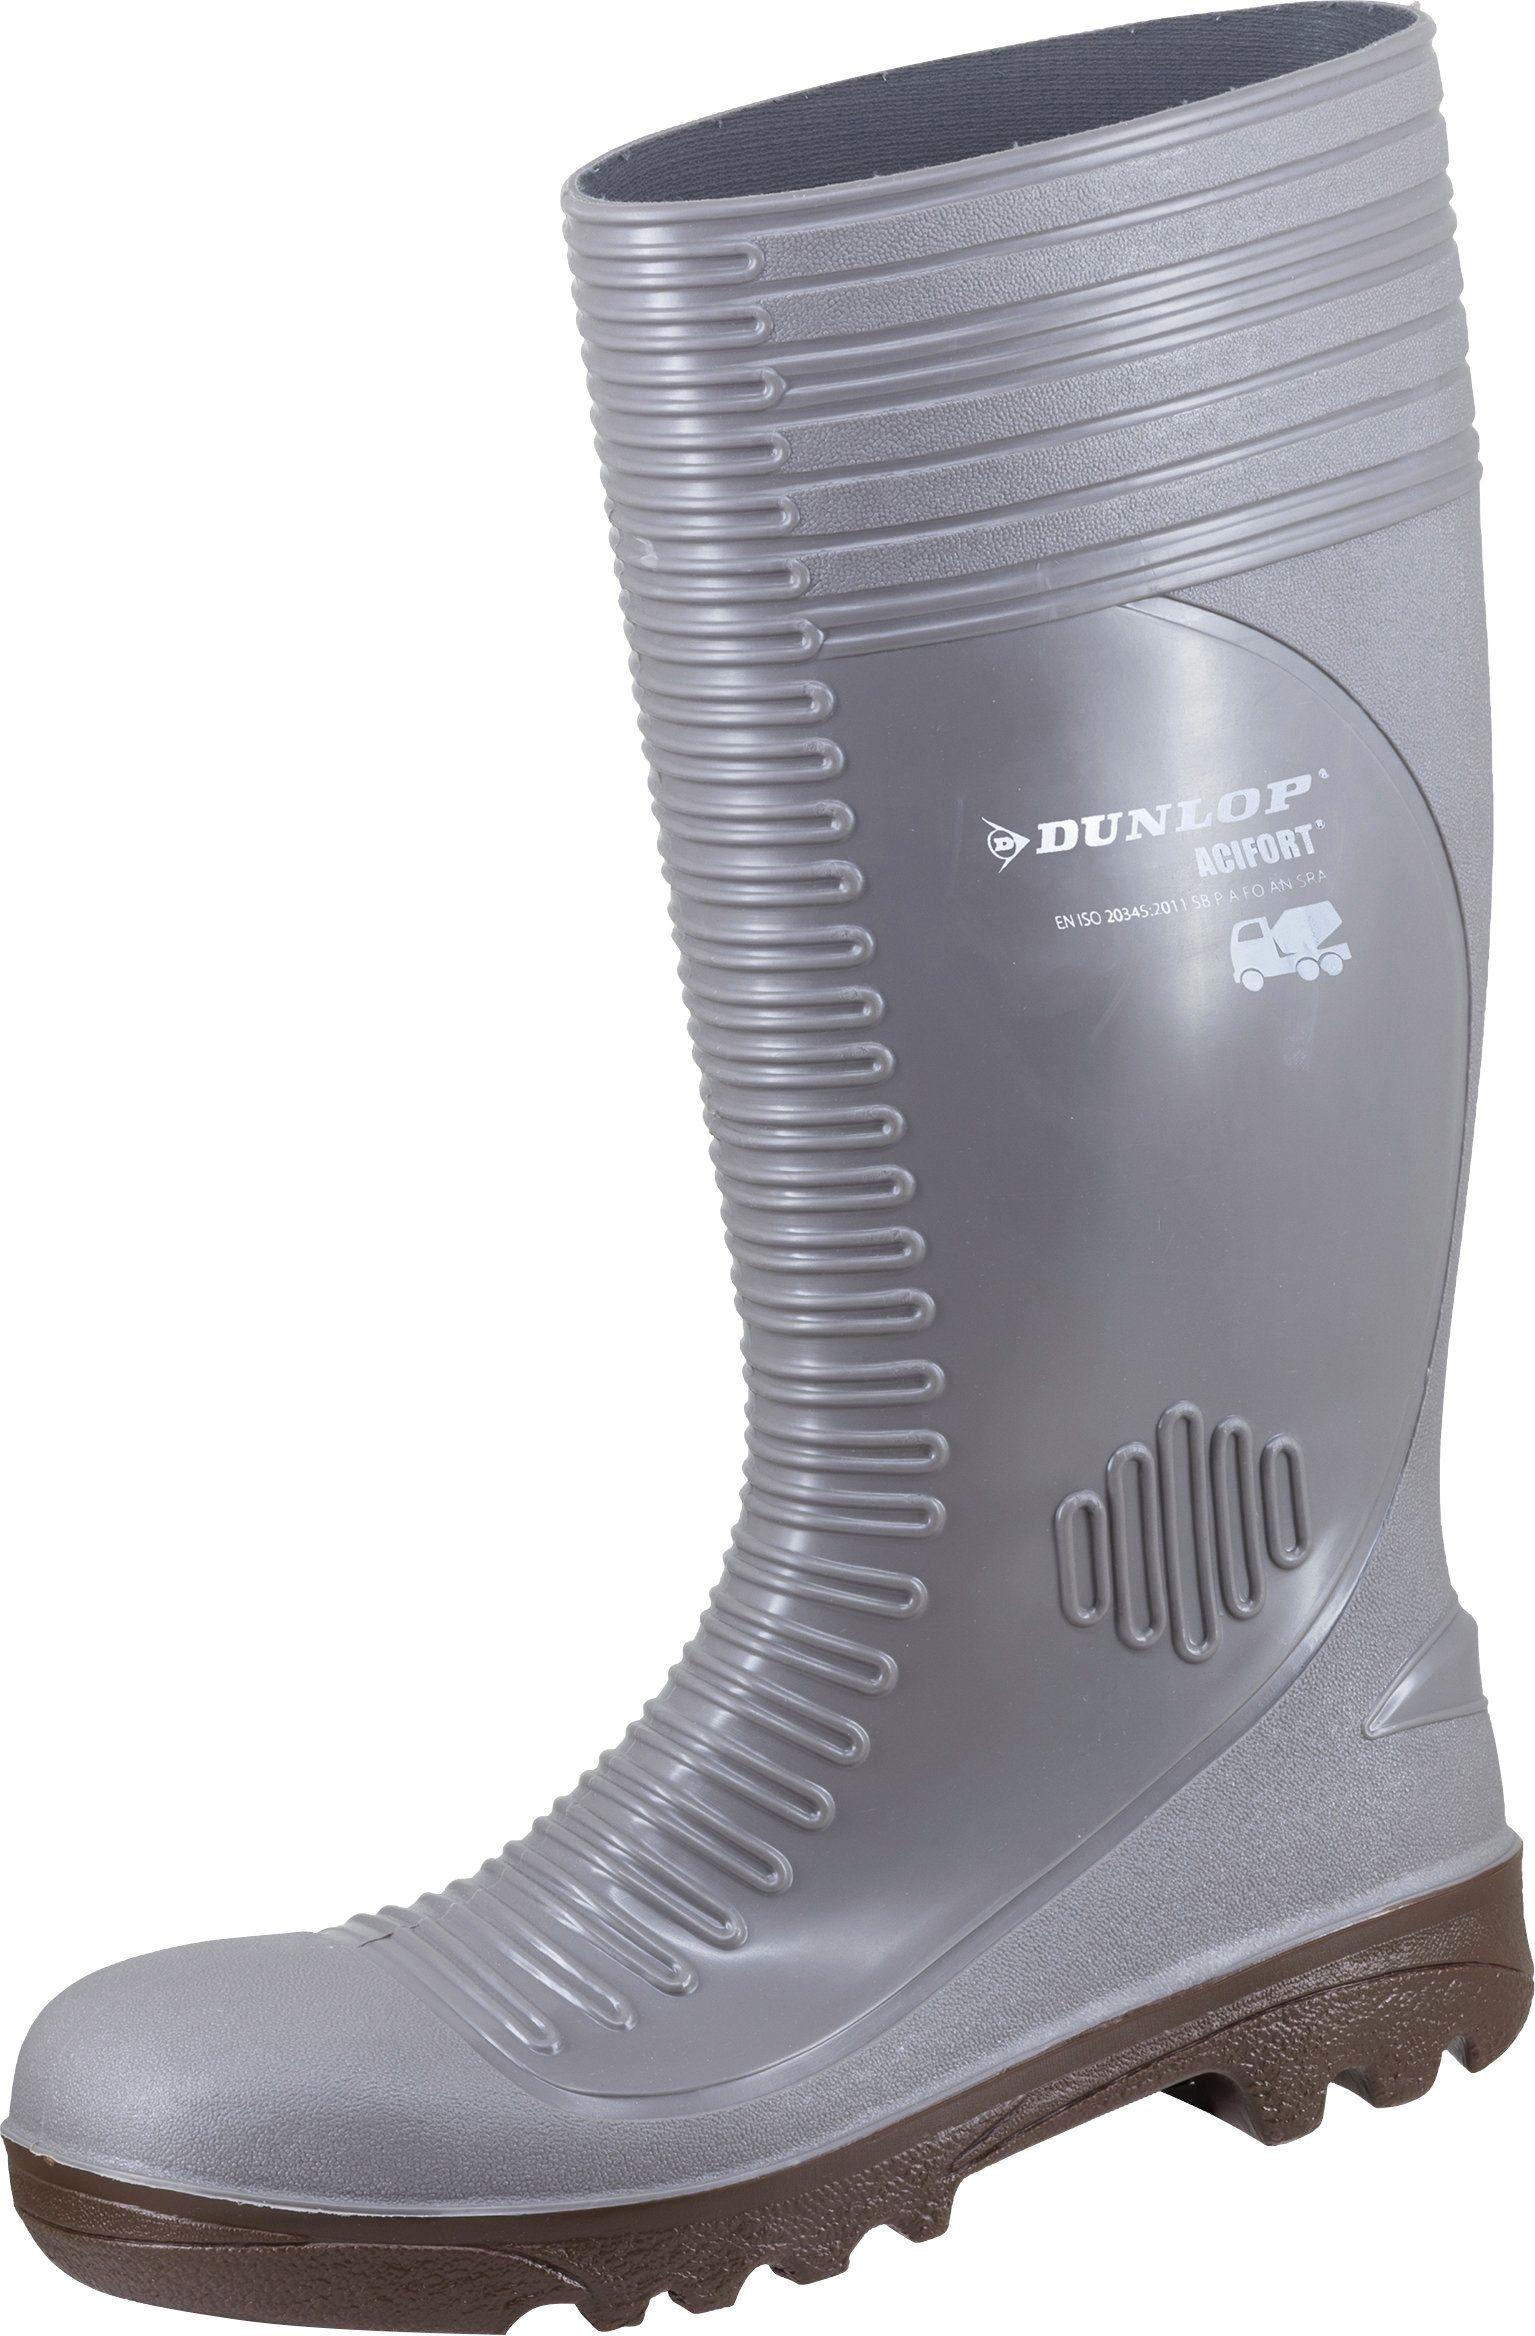 Unisex DUNLOP Sicherheitsstiefel »Concrete full safety«, Sicherheitsklasse S5 grau | 08713197359227